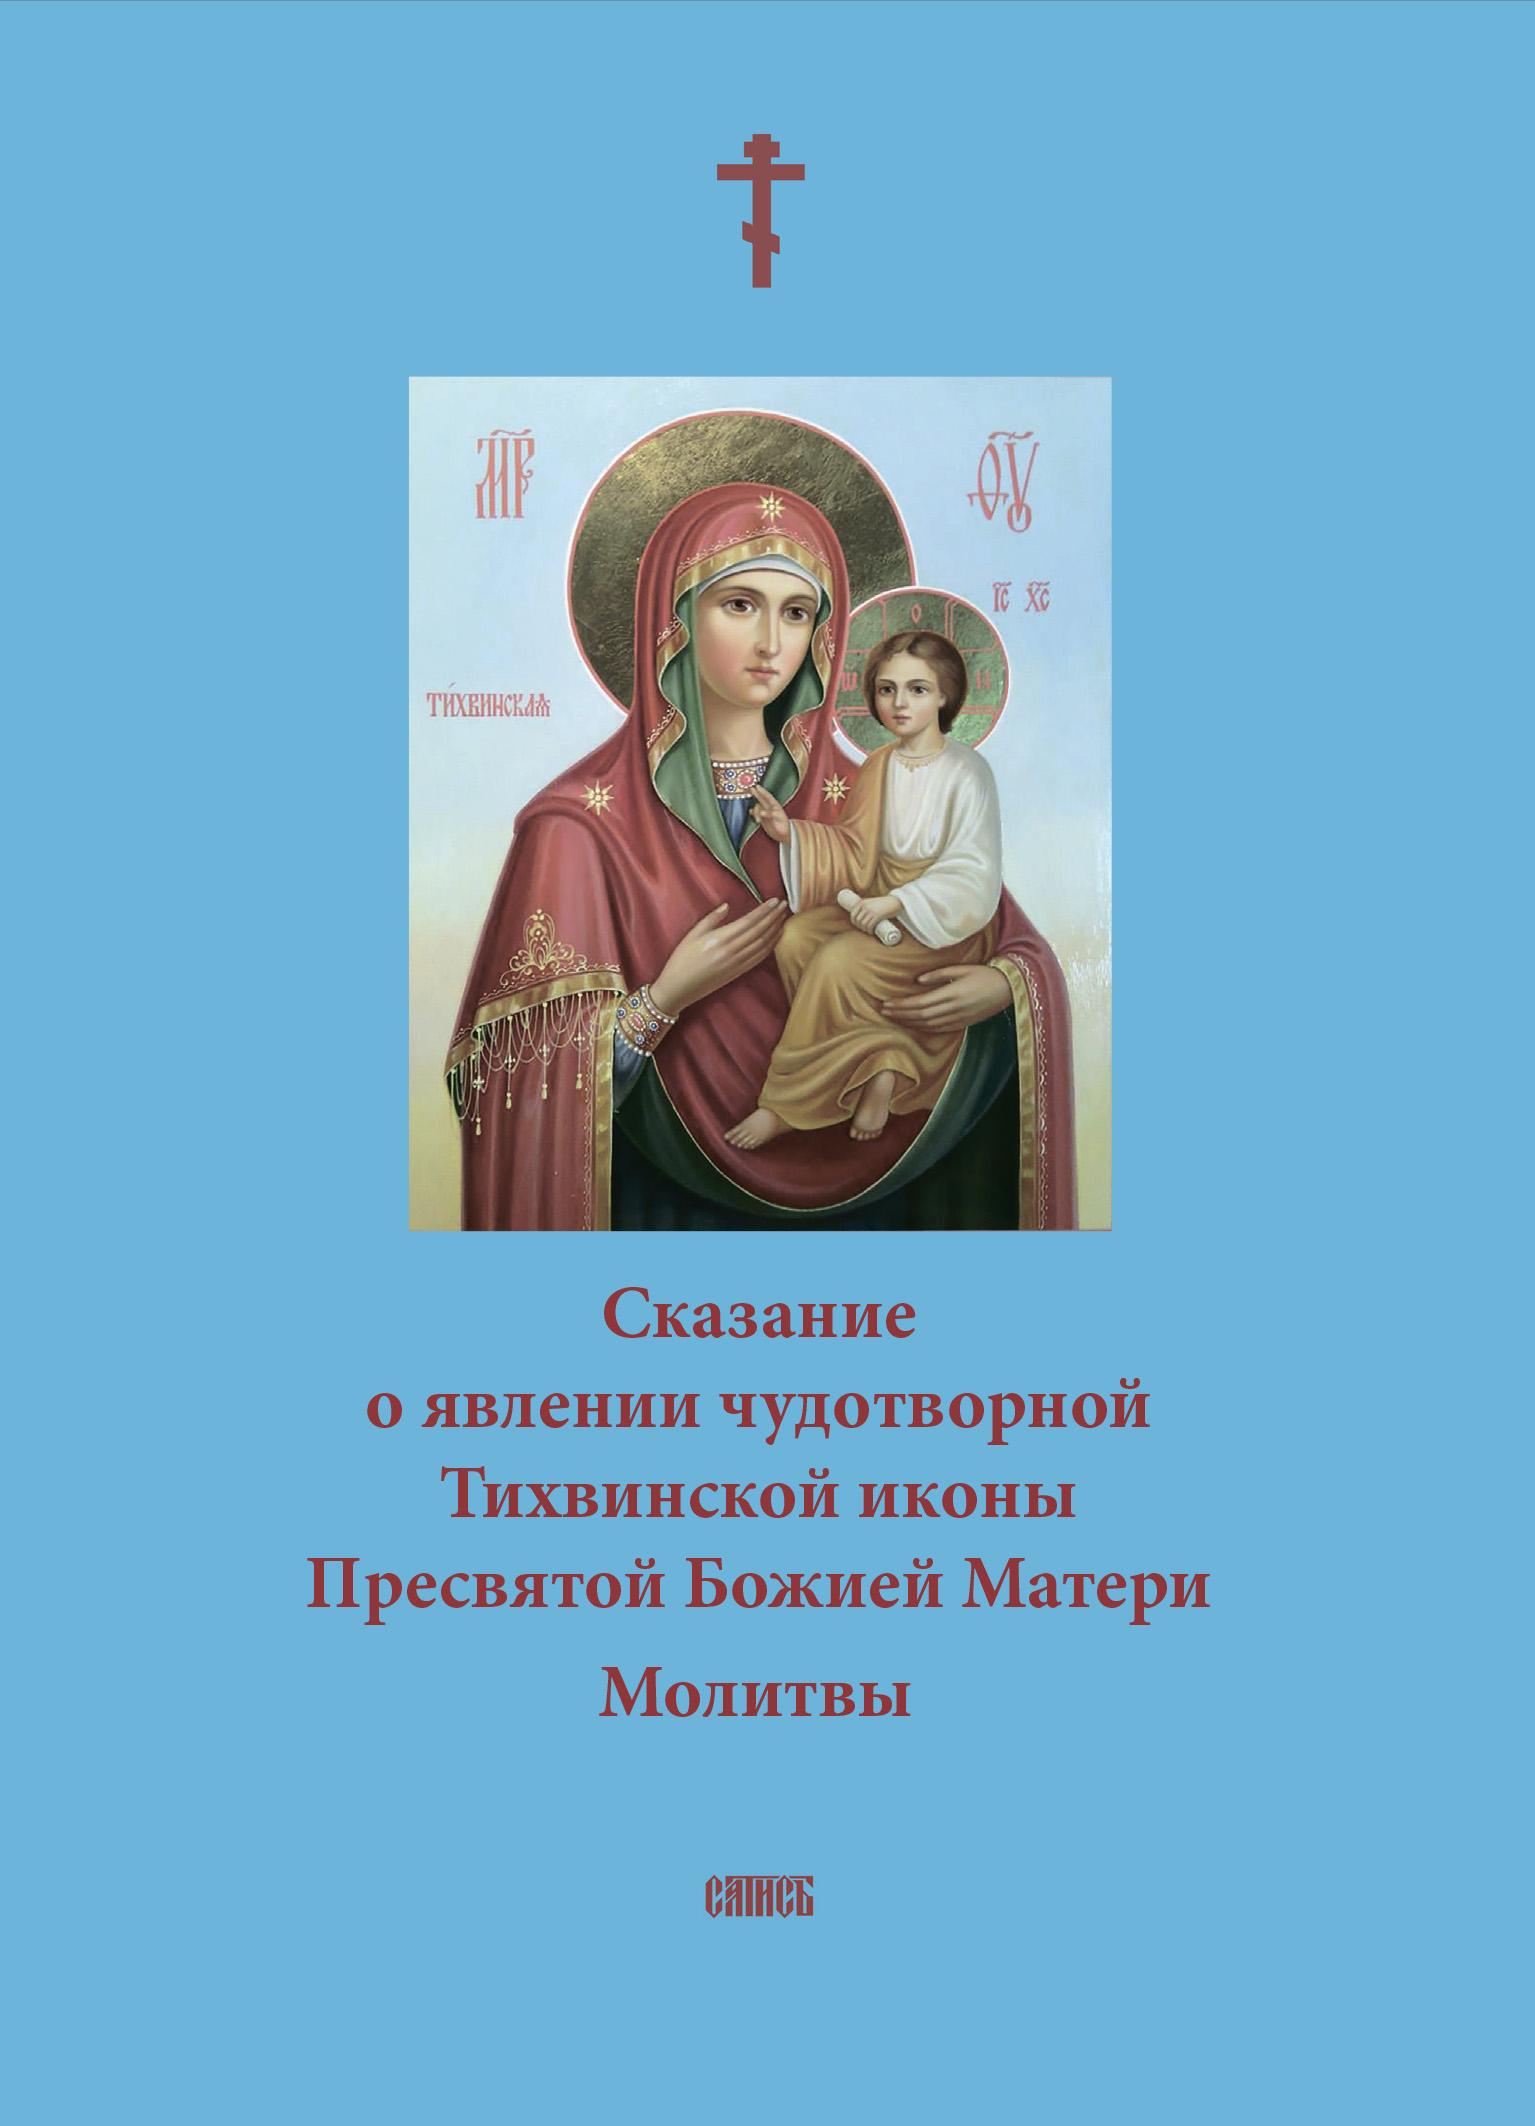 Купить книгу Сказание о явлении чудотворной Тихвинской иконы Пресвятой Божией Матери. Молитвы, автора